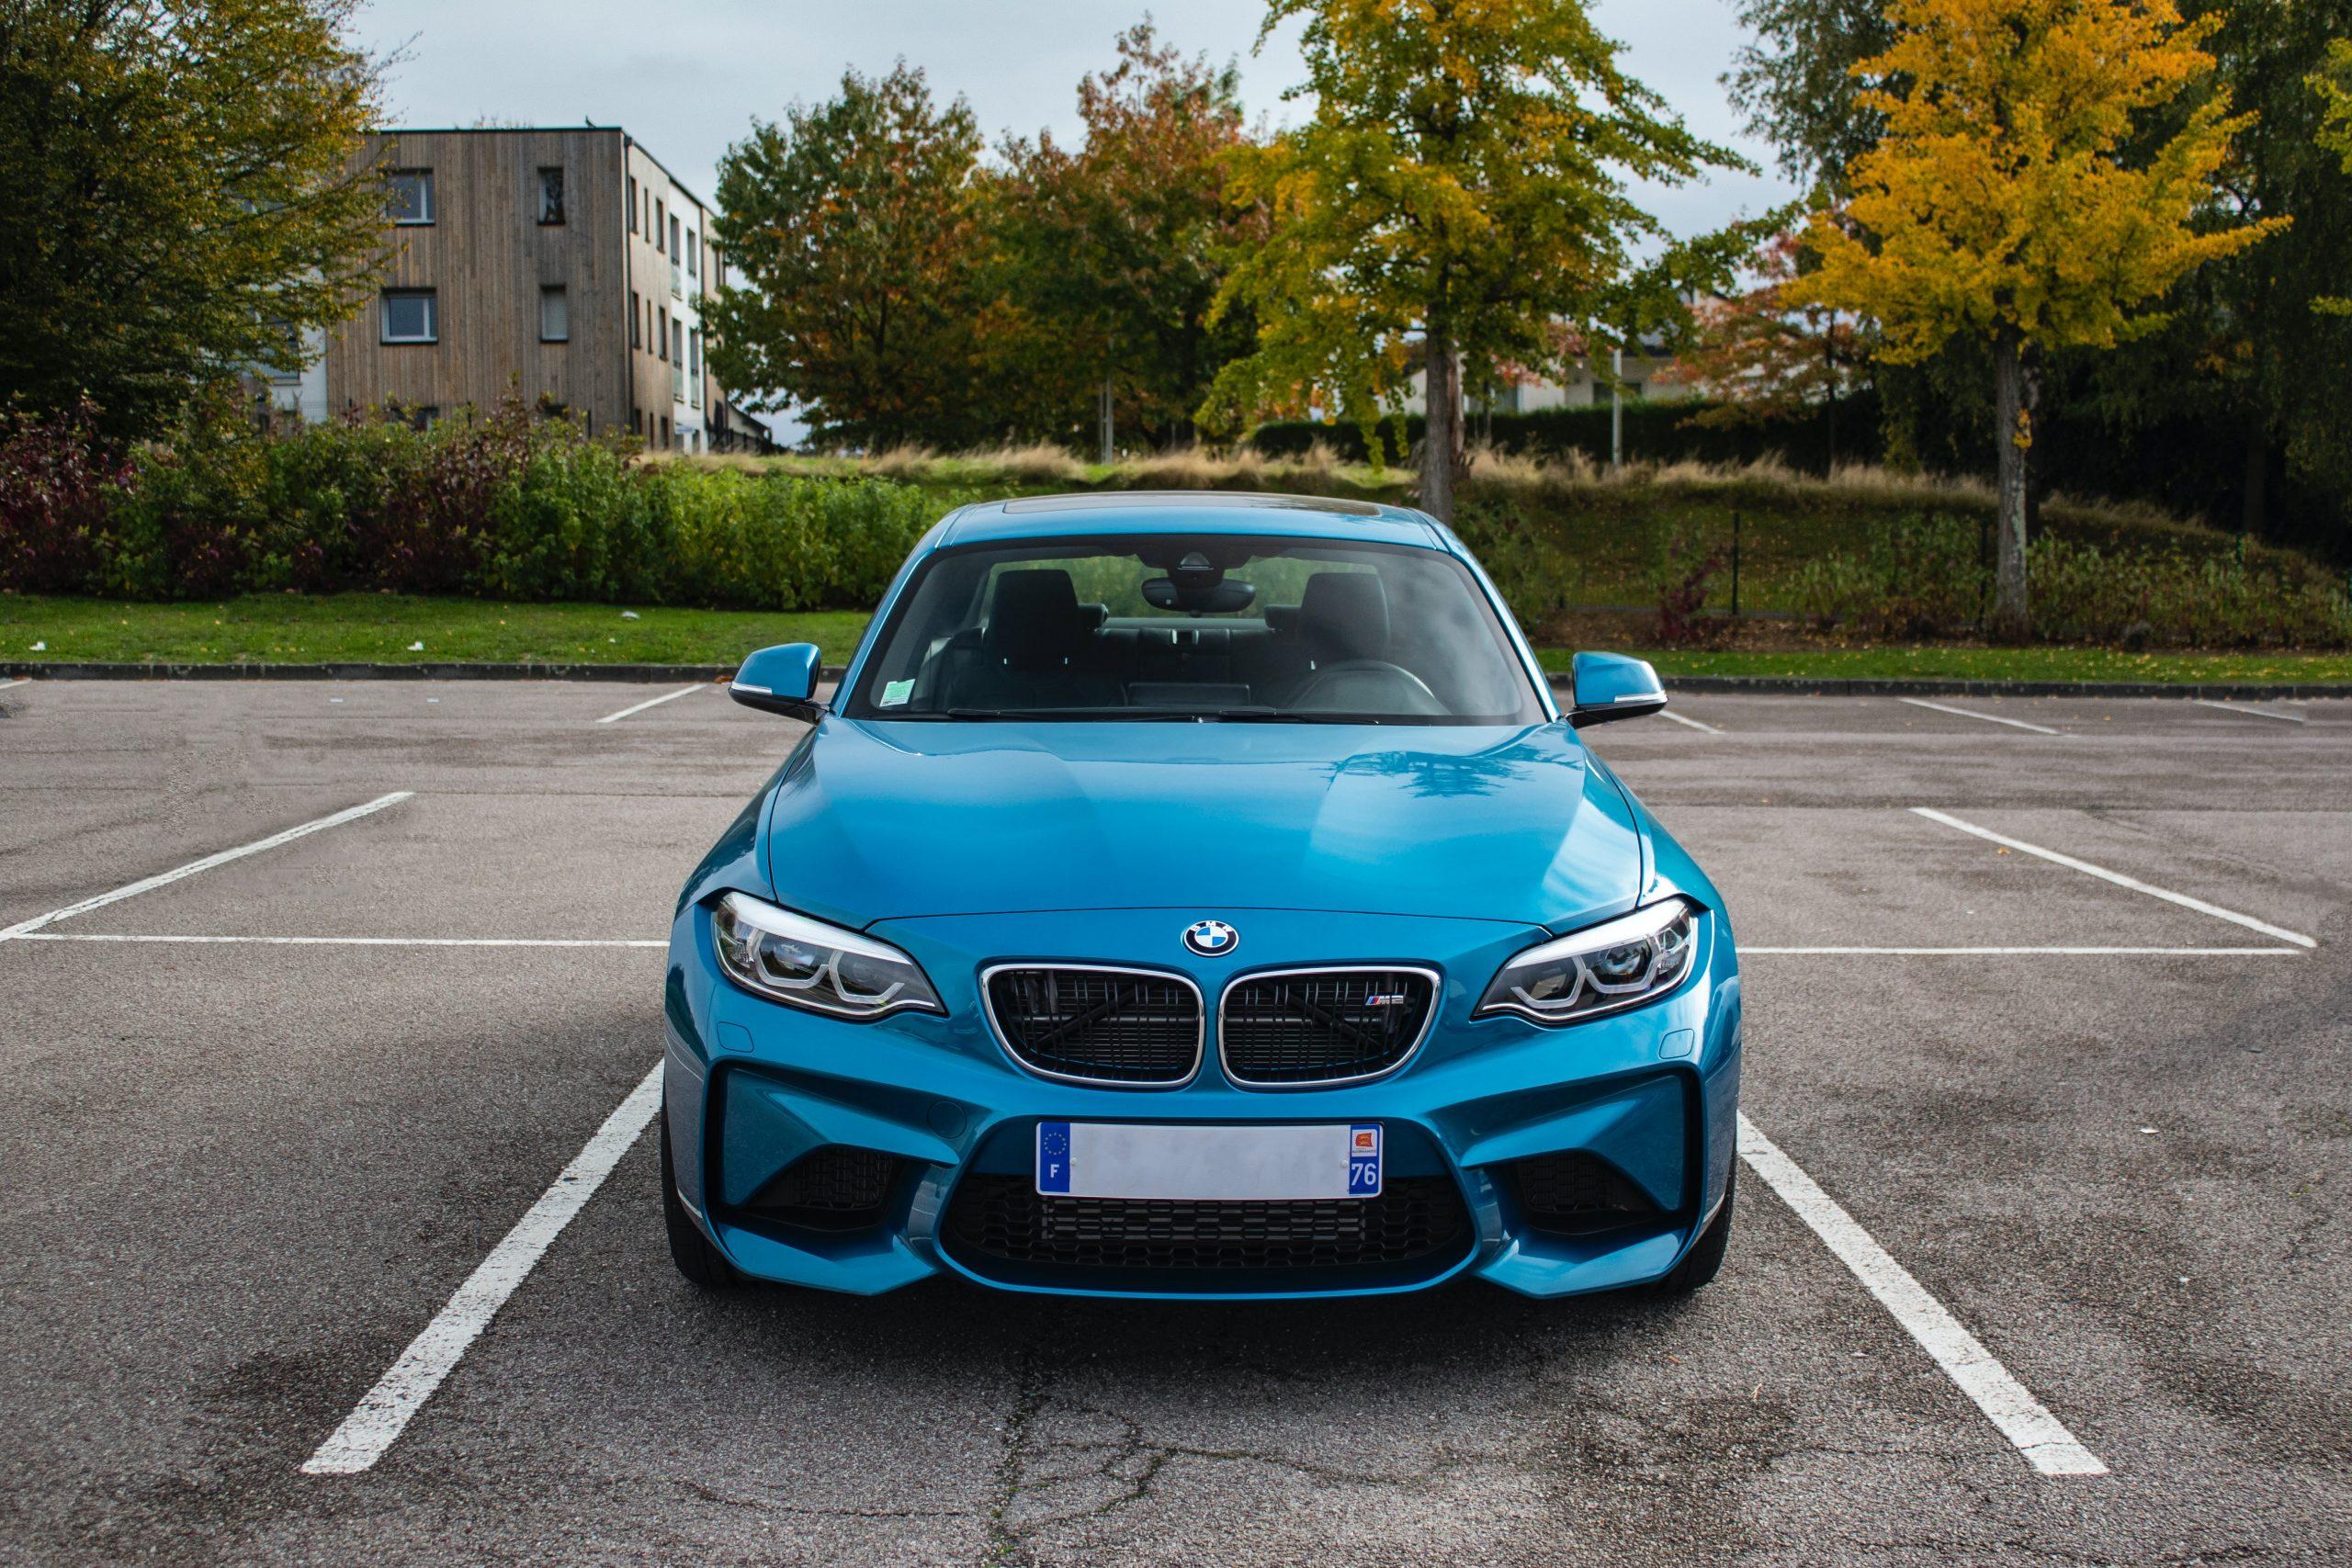 Acheter une voiture en Allemagne dans un garage1 scaled - Blog Japon